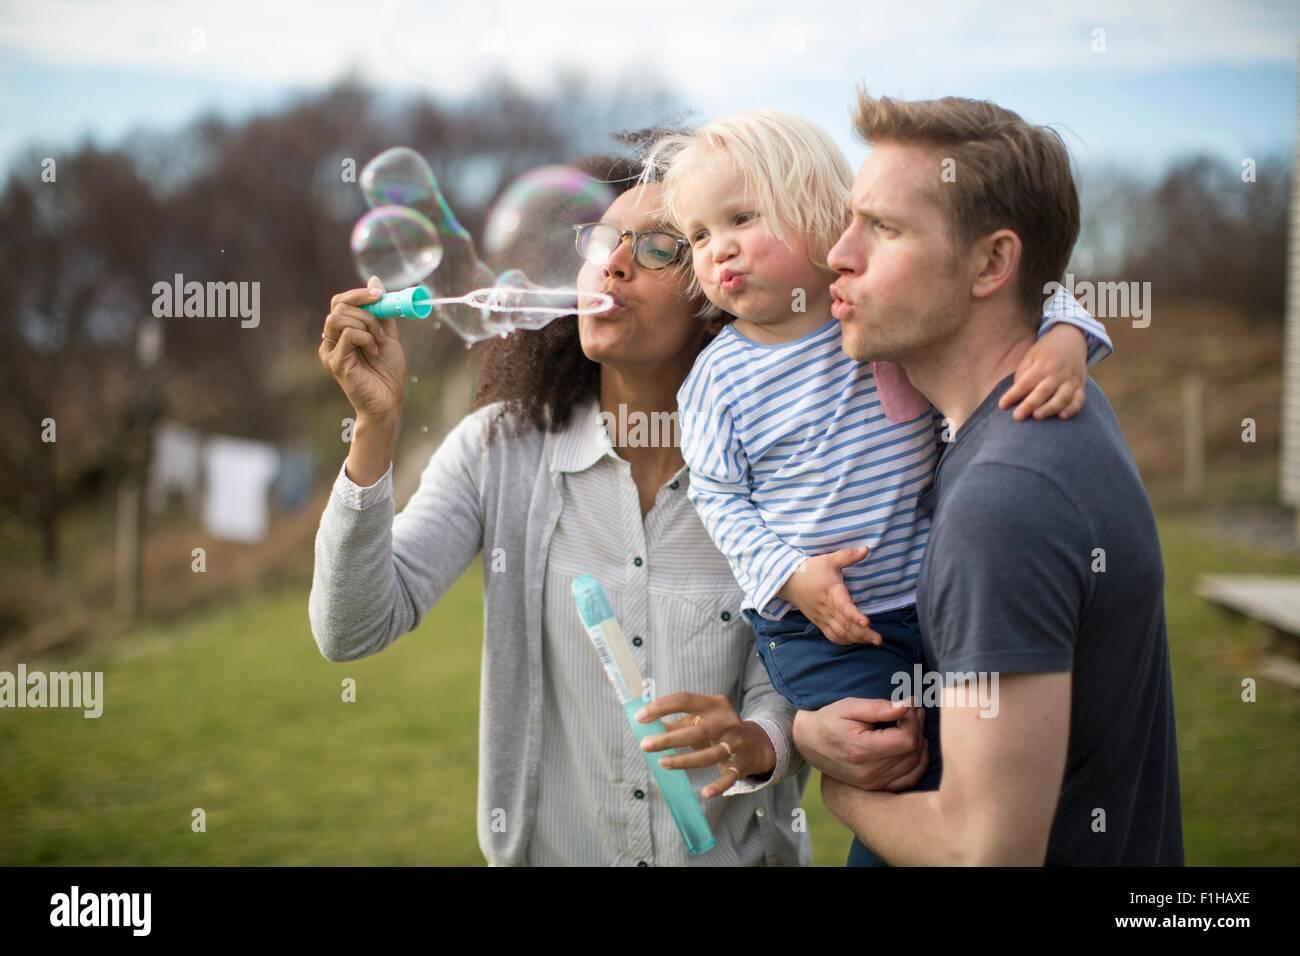 Madre soplando burbujas, padre celebración hijo Imagen De Stock